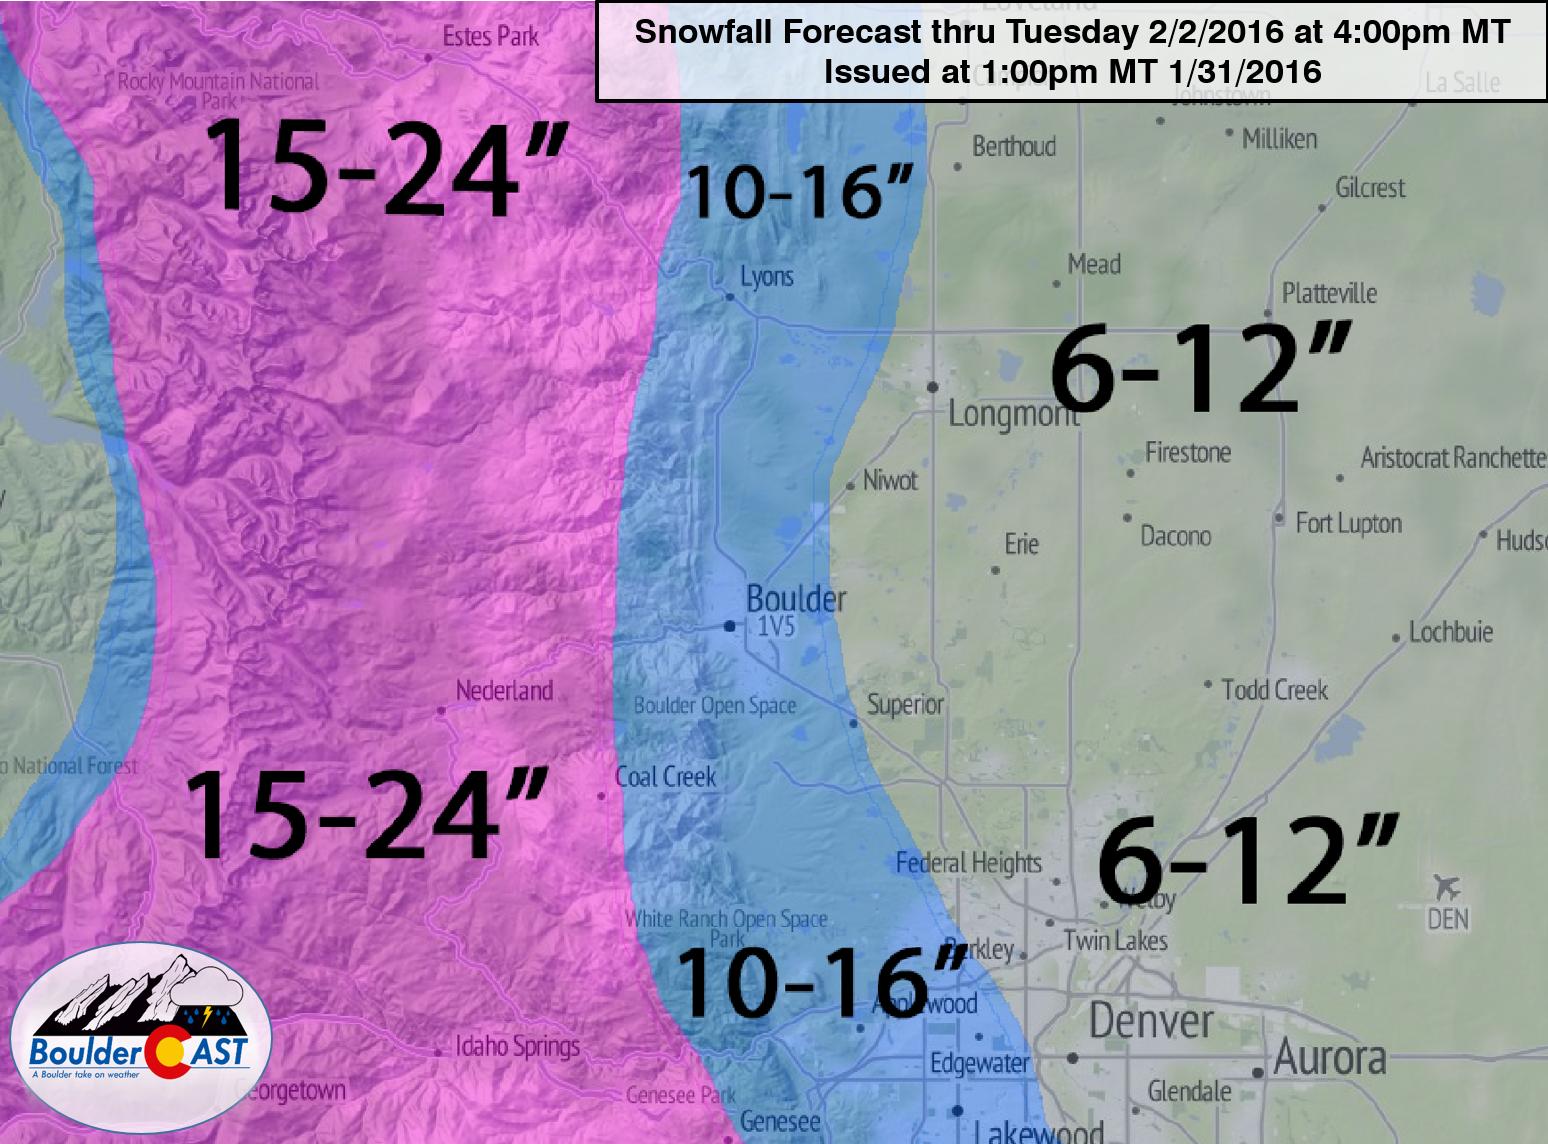 Snowfall_Forecast_Denver_01312016